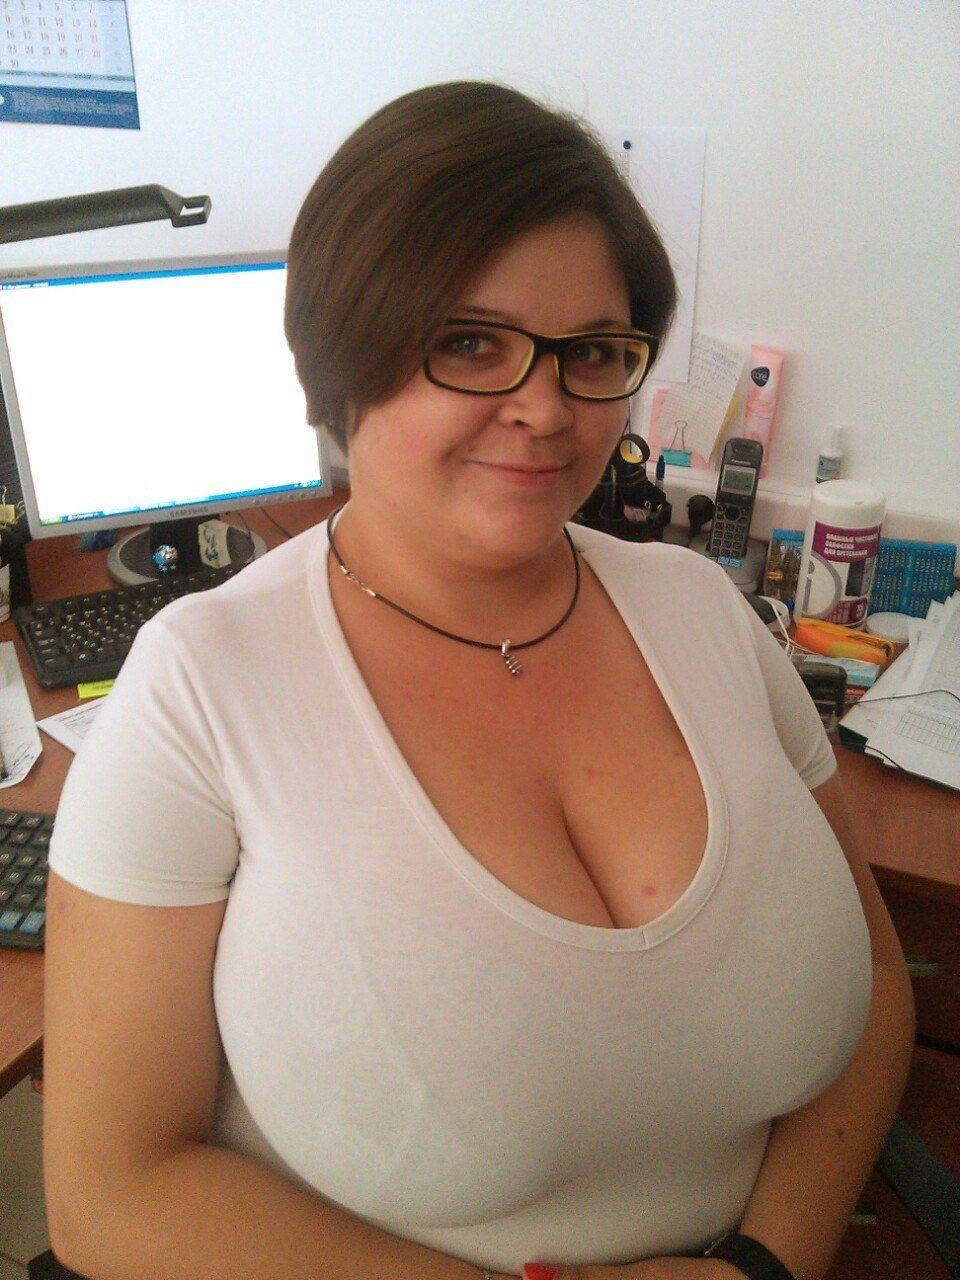 Sex gif big boobs